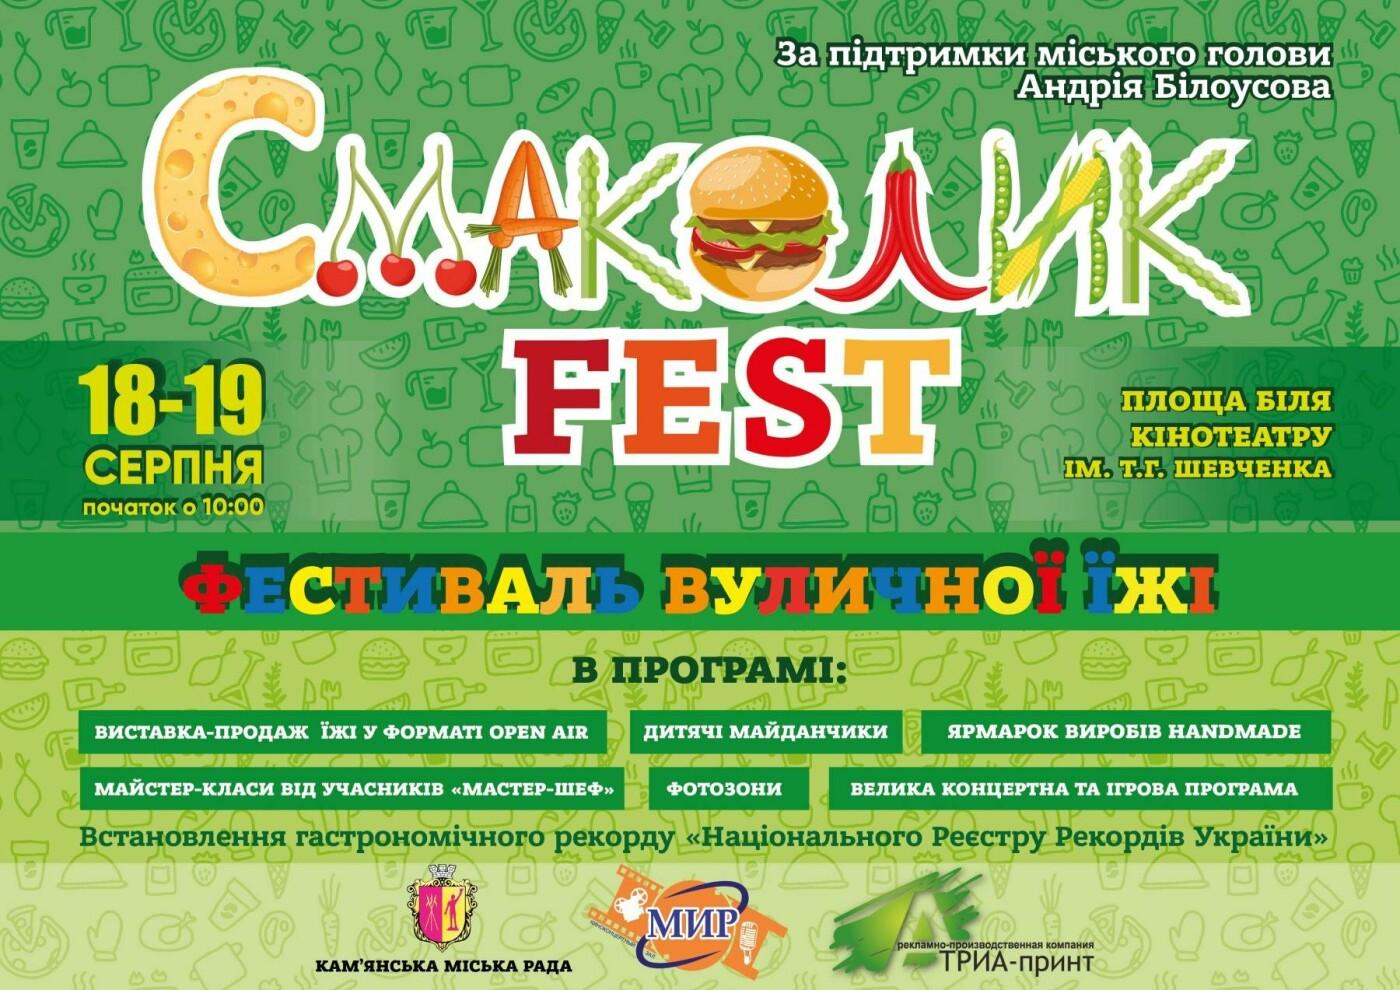 Первый «Cмаколик - fest»: в Каменском будет вкусно, фото-1